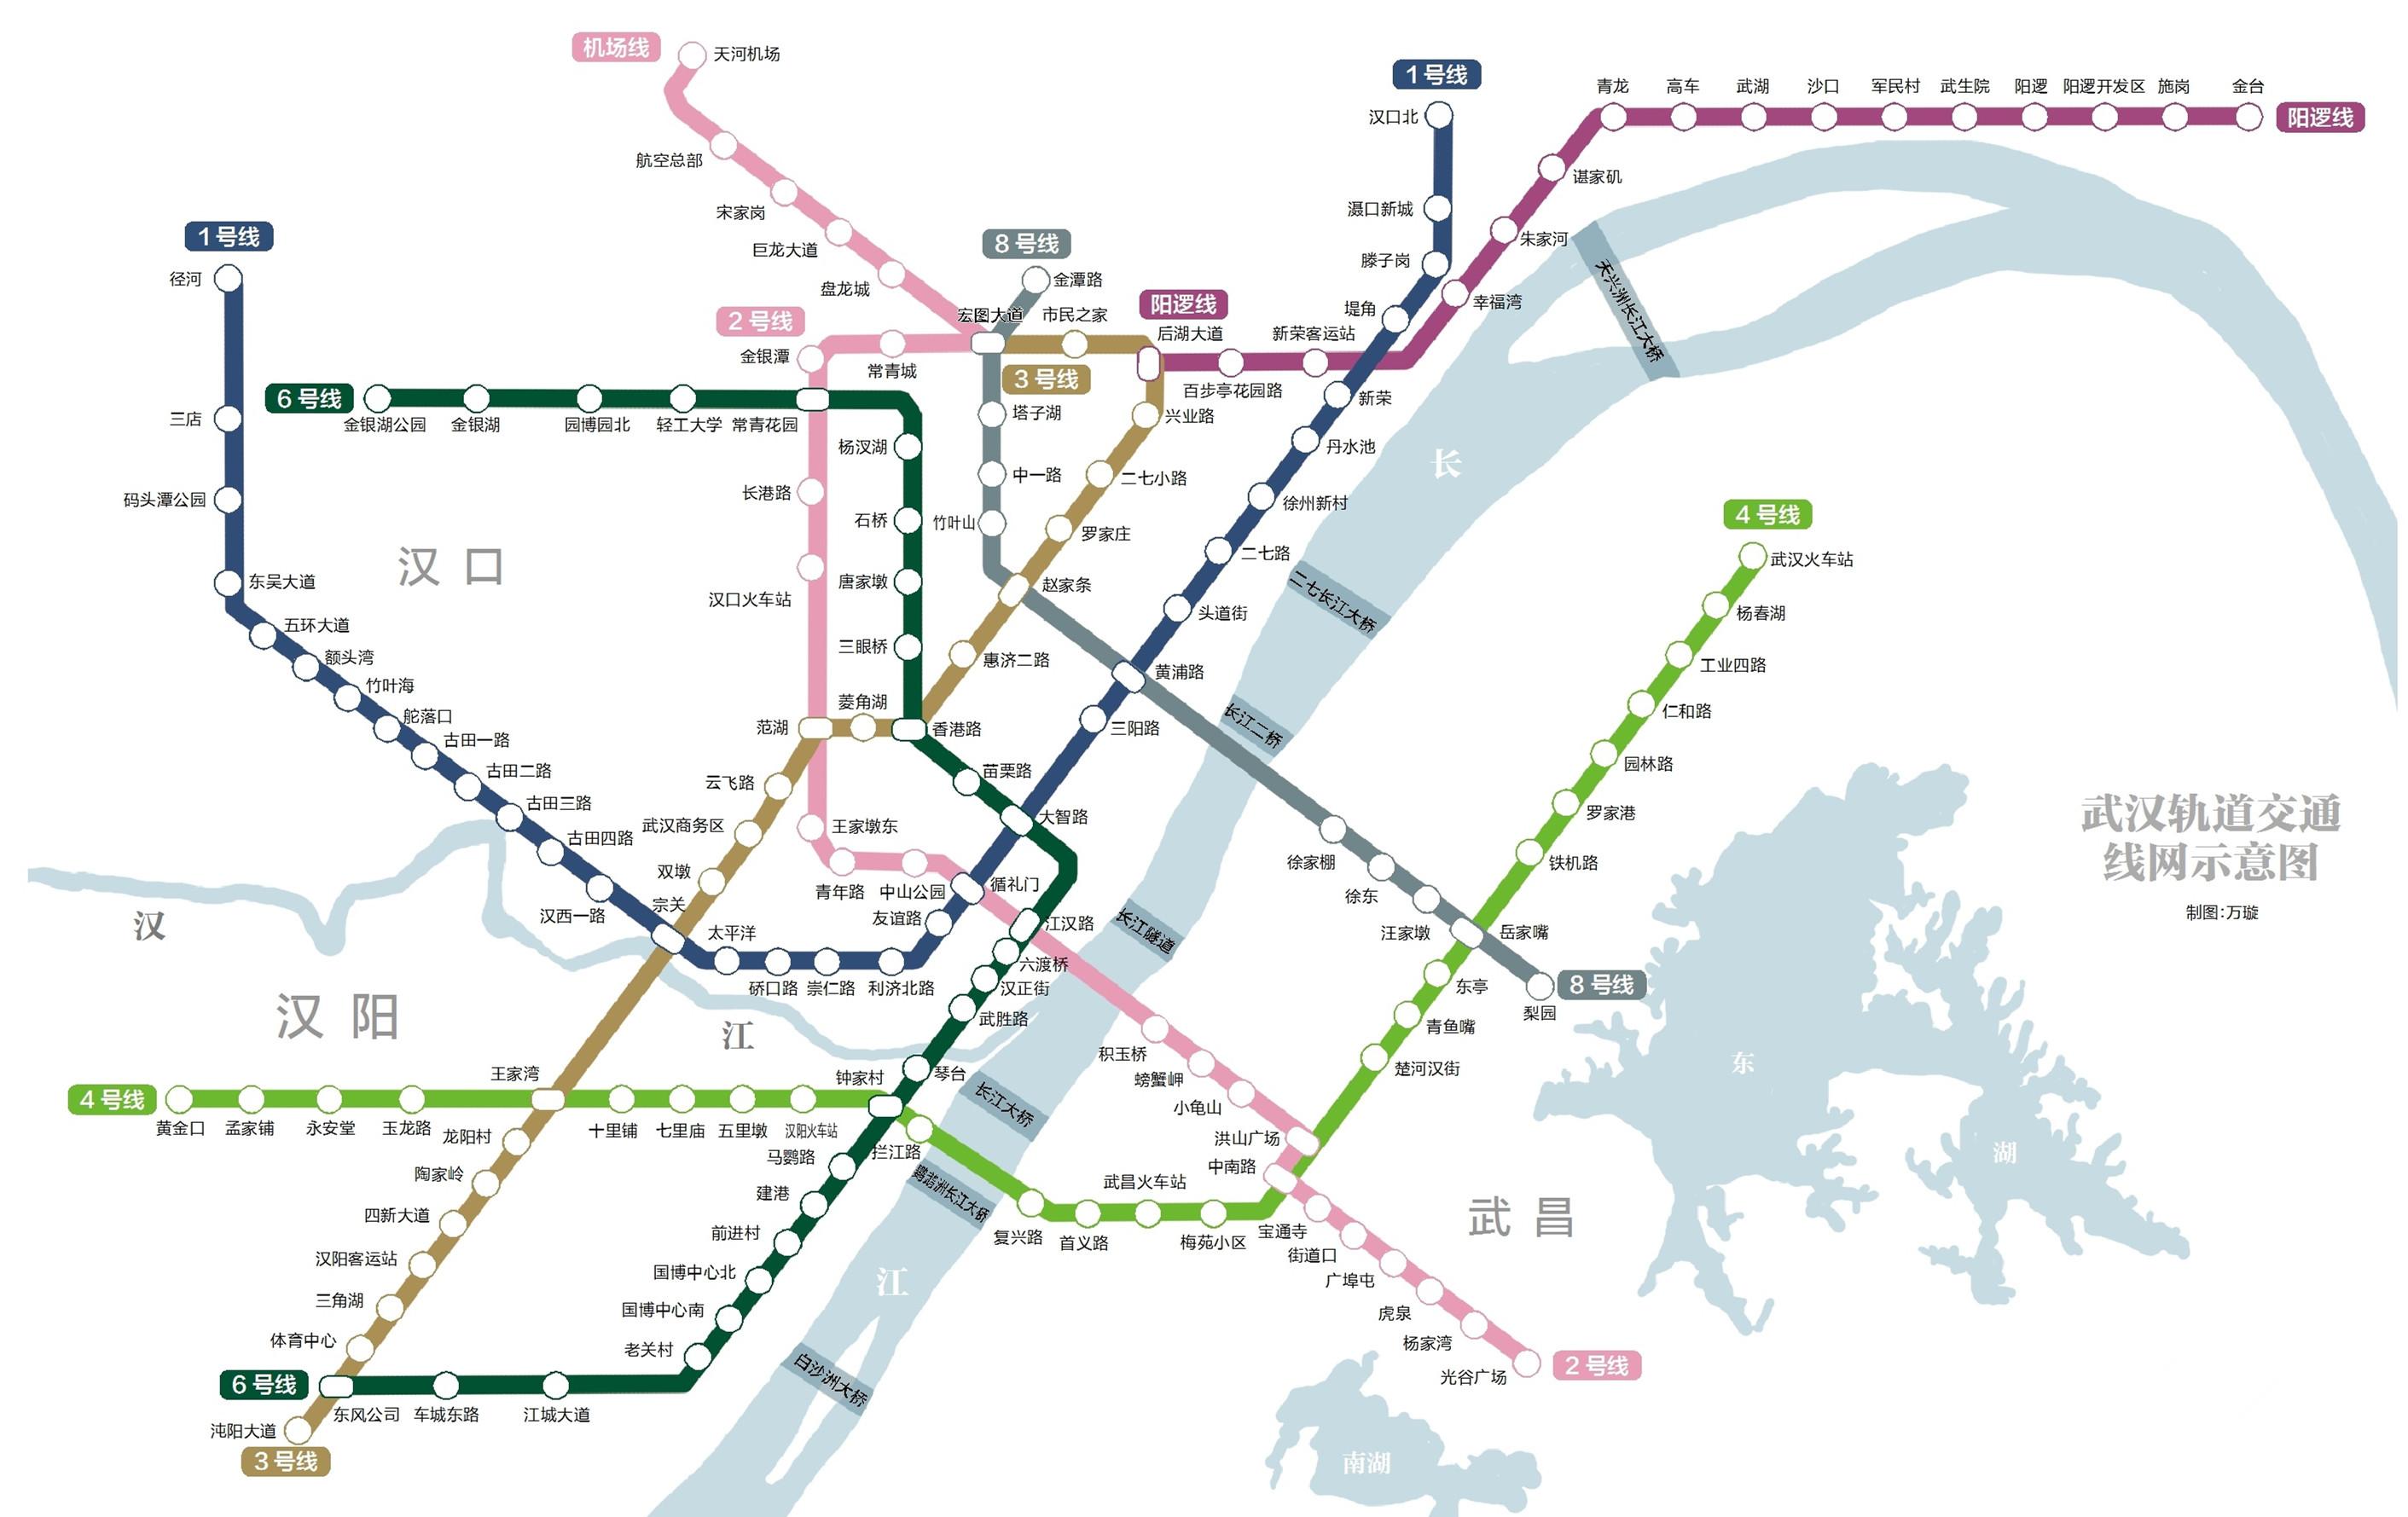 武汉地铁规划图高清_武汉地铁图线路图高清_2018武汉地铁线路图高清版